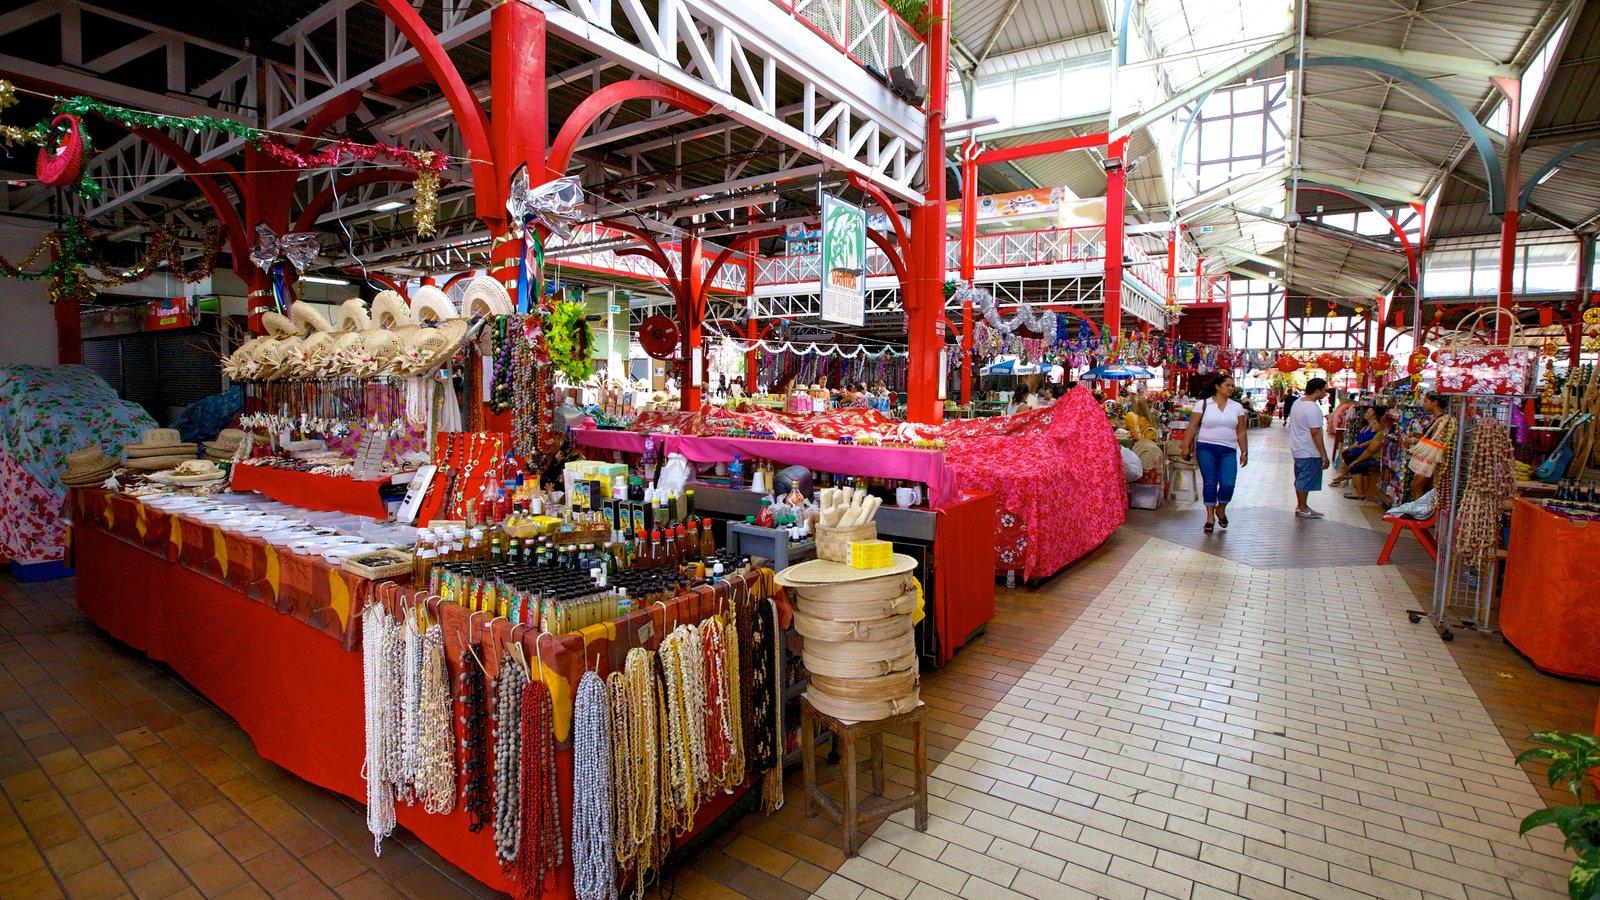 Mercado de Papeete caracterizando mercados e vistas internas